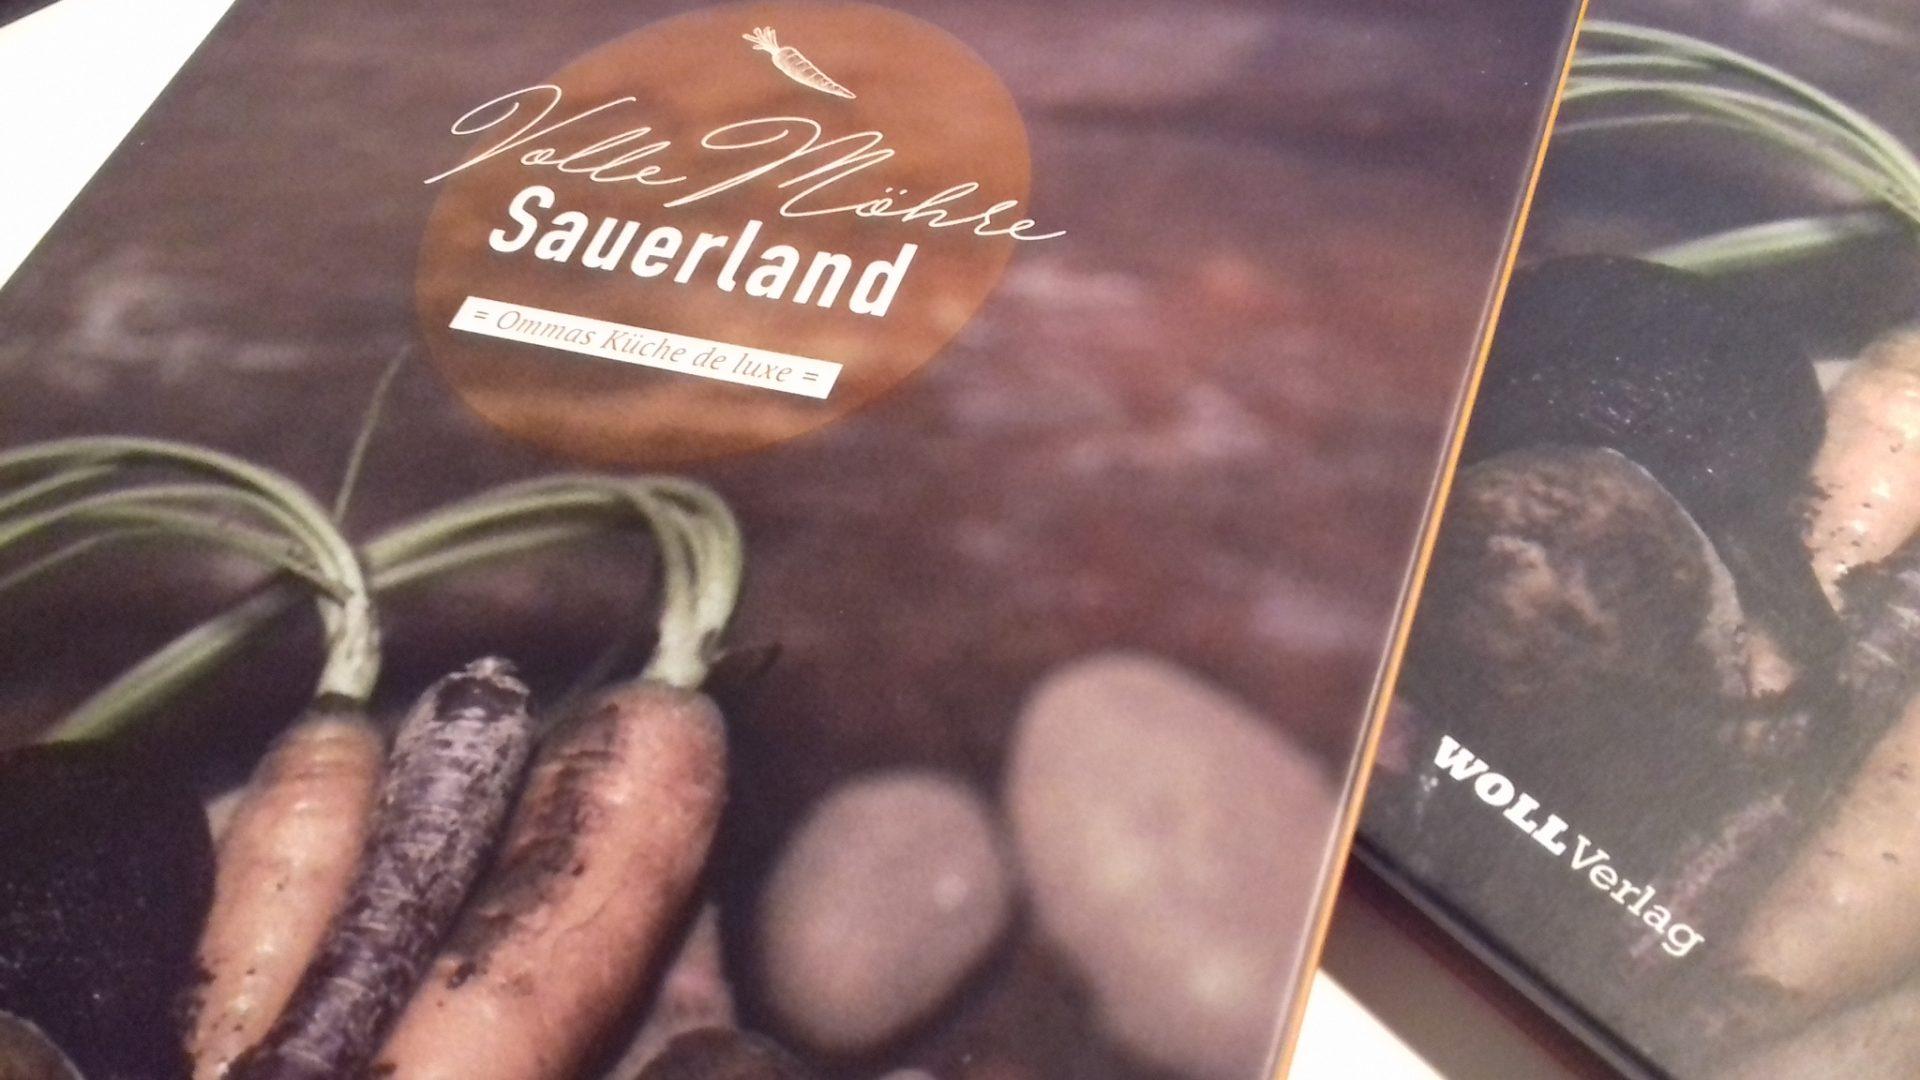 Sauerland Kochbuch Volle Mohre Sauerland Ommas Kuche De Luxe